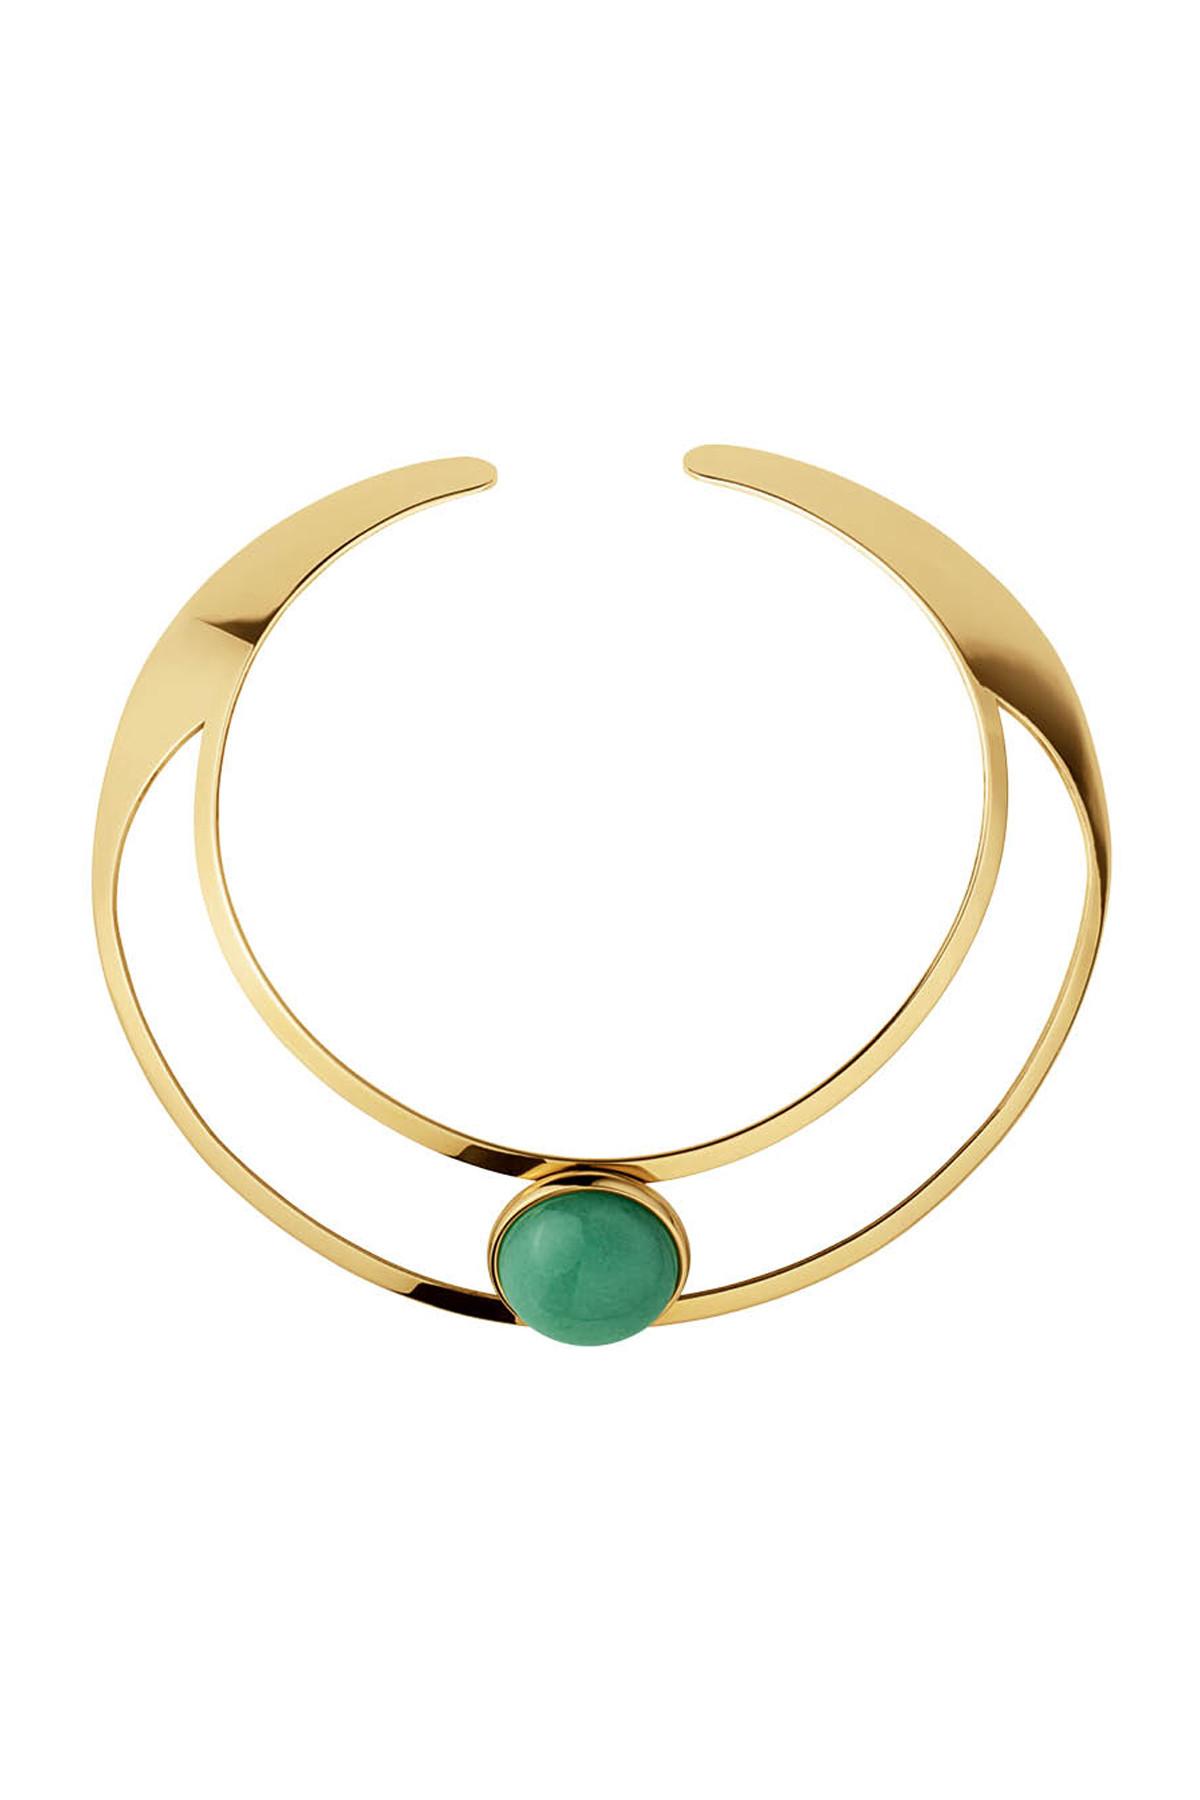 Image of   DYRBERG/KERN BAGOT HALSKÆDE 337818 (Gold, Green, ONESIZE)